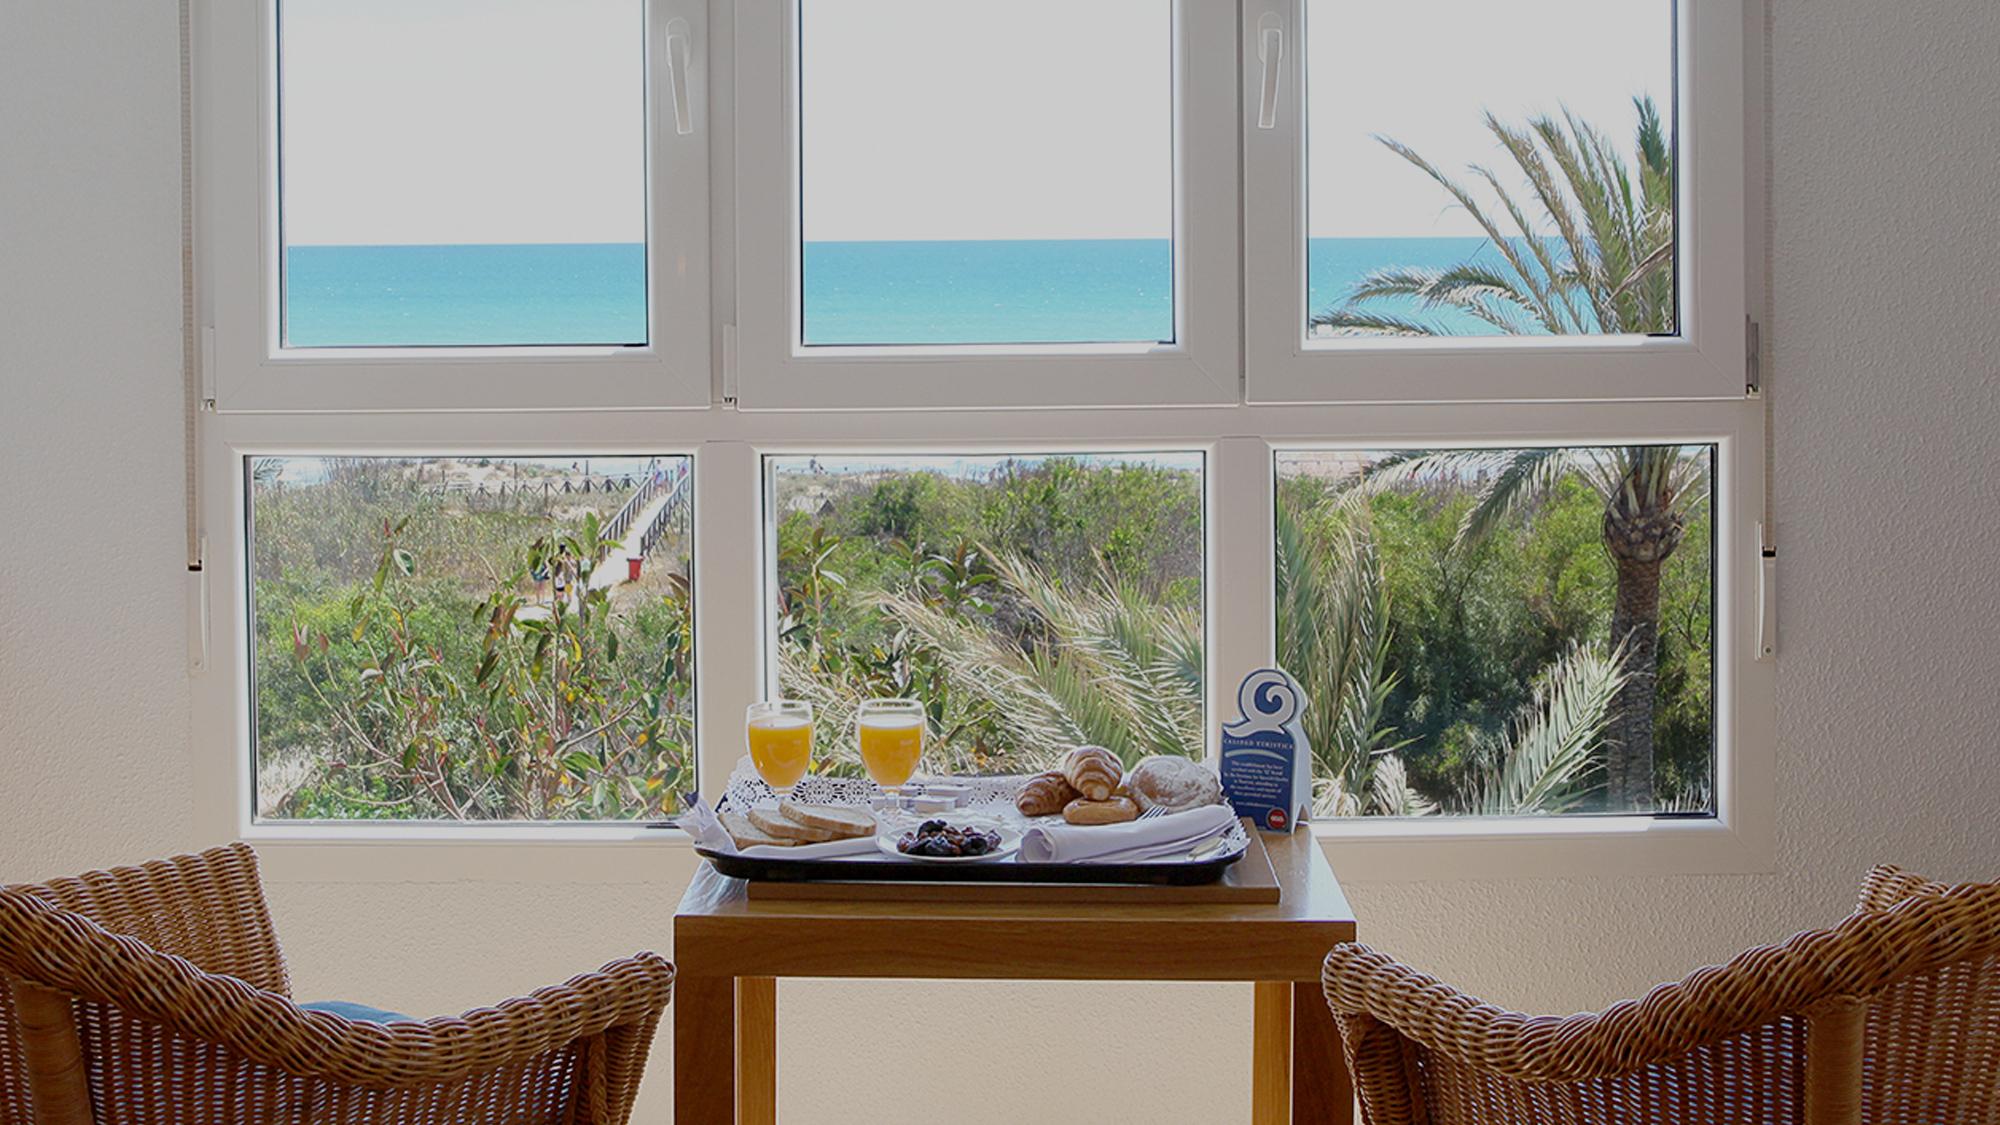 habitaciones-con-vistas-al-mar